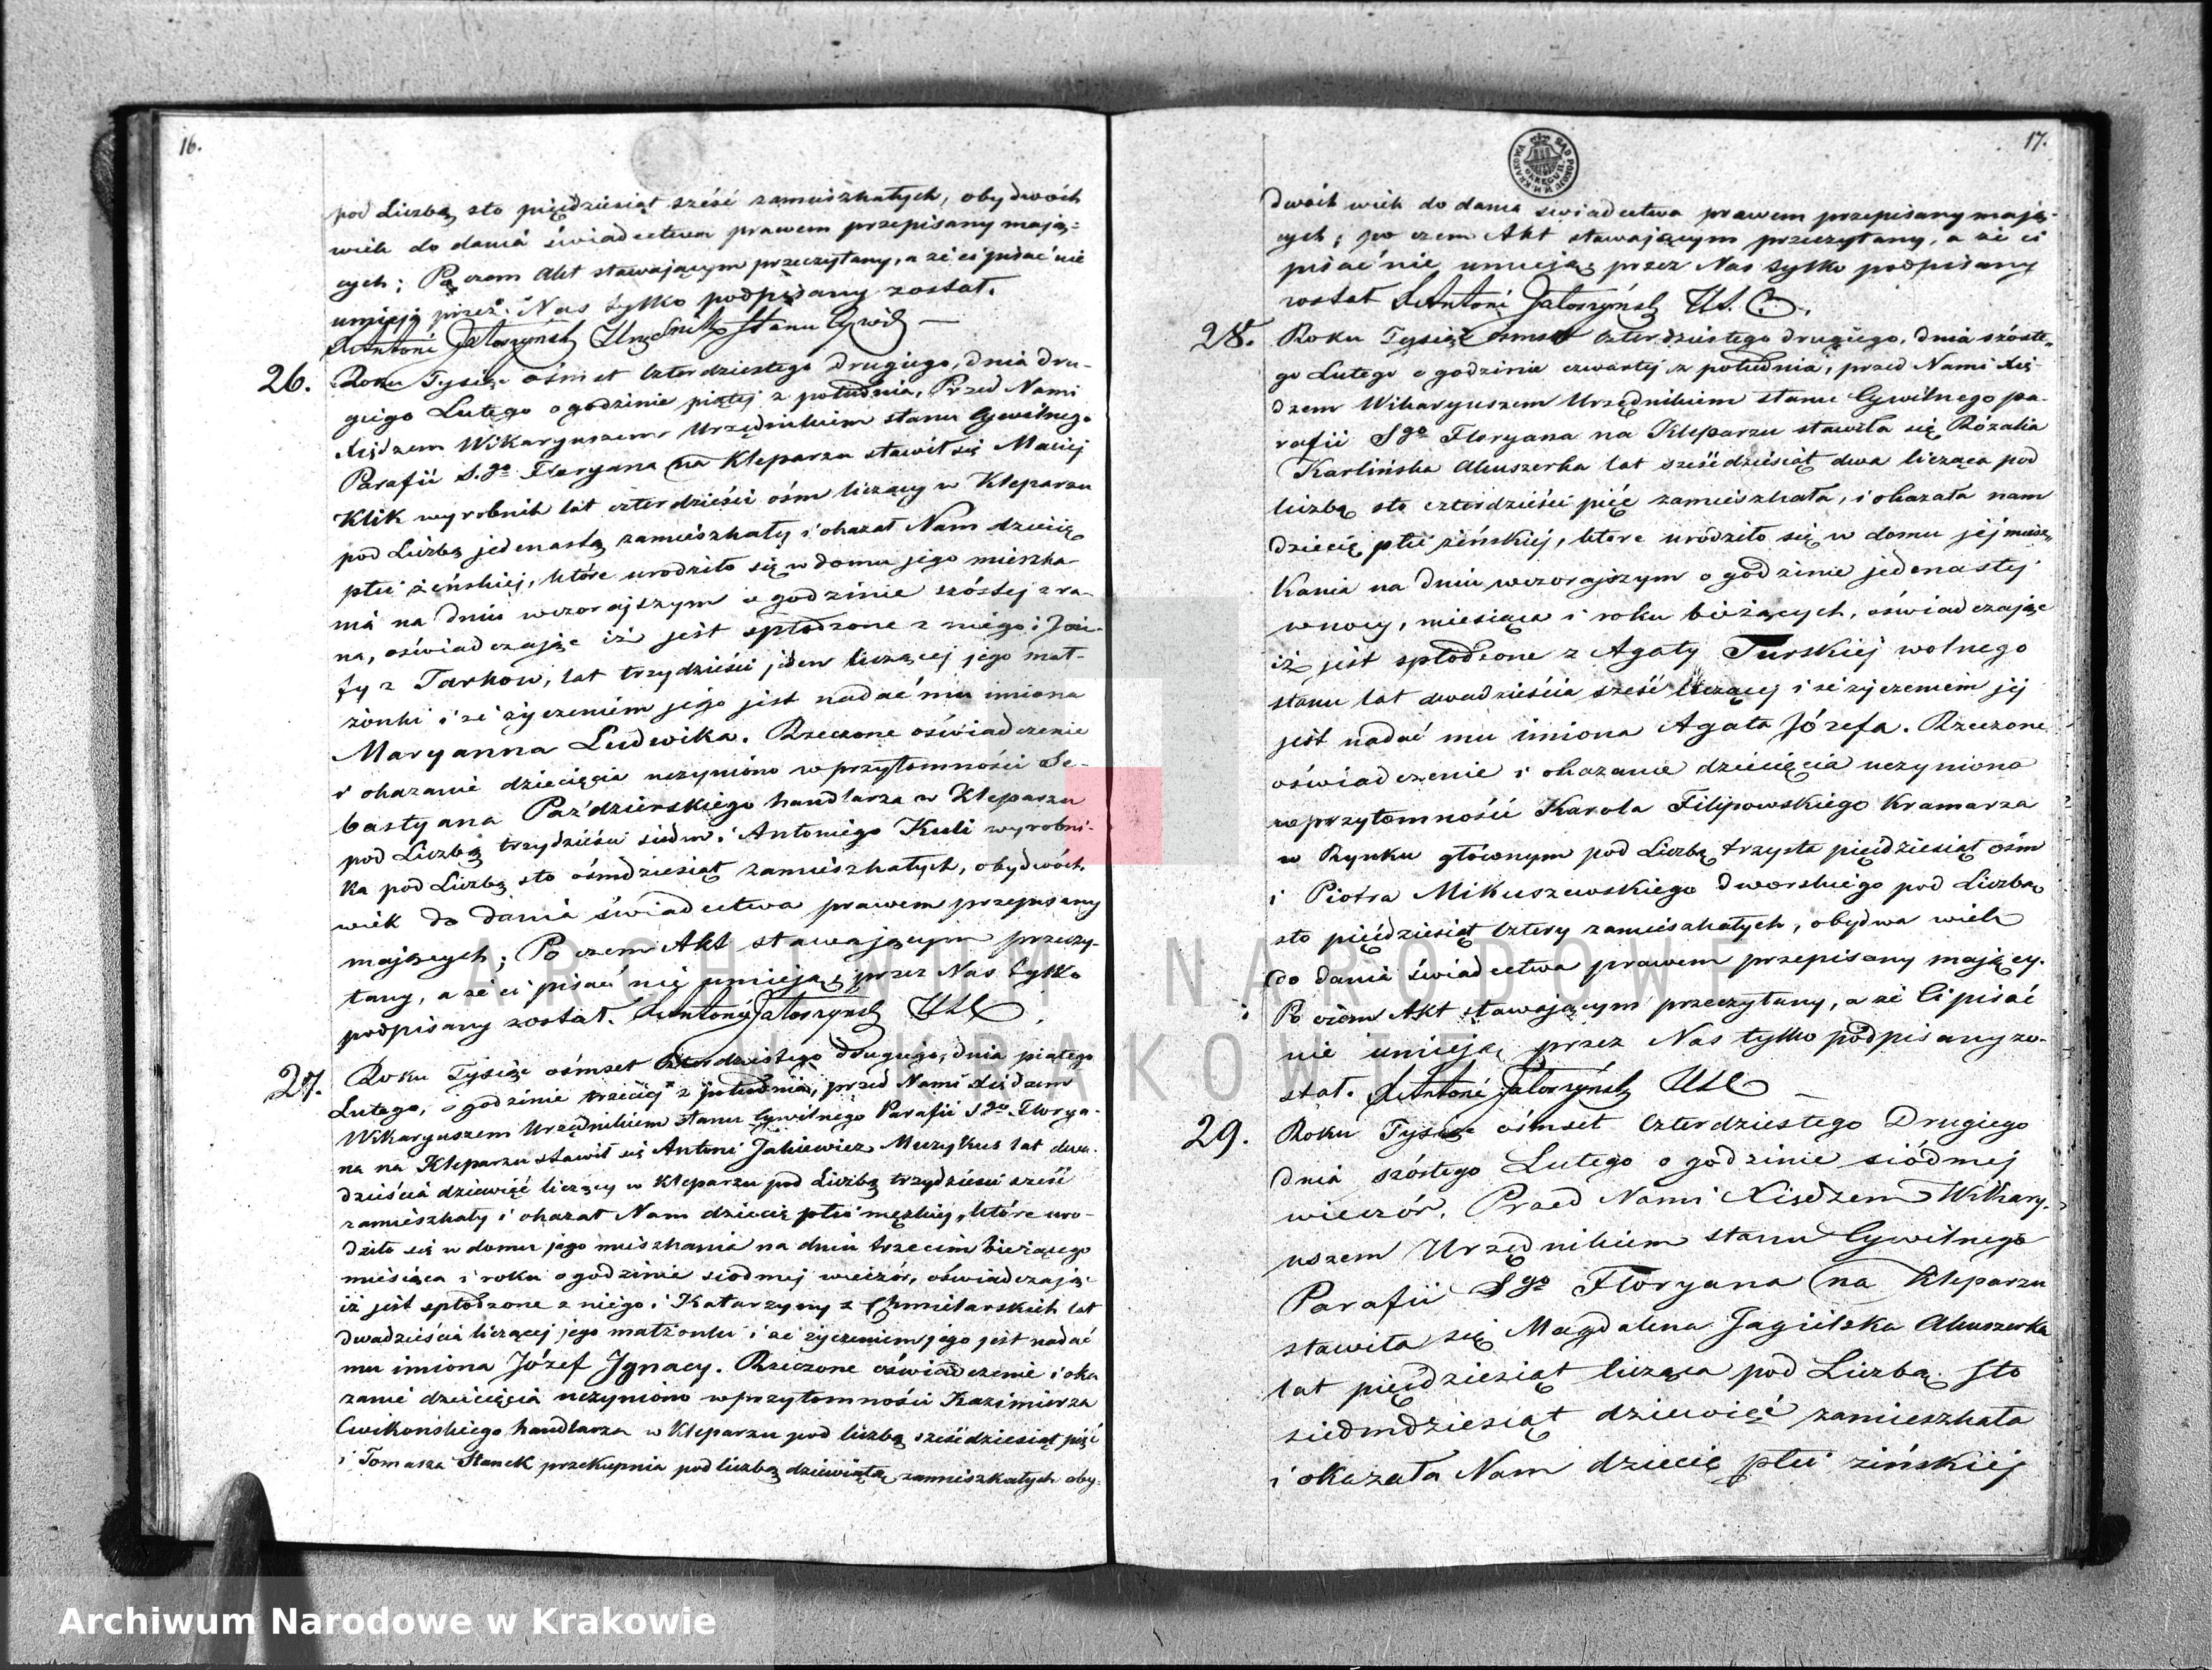 Skan z jednostki: Księga Aktów Urodzenia i Uznania Parafii Sgo Floryana Na Rok 1842